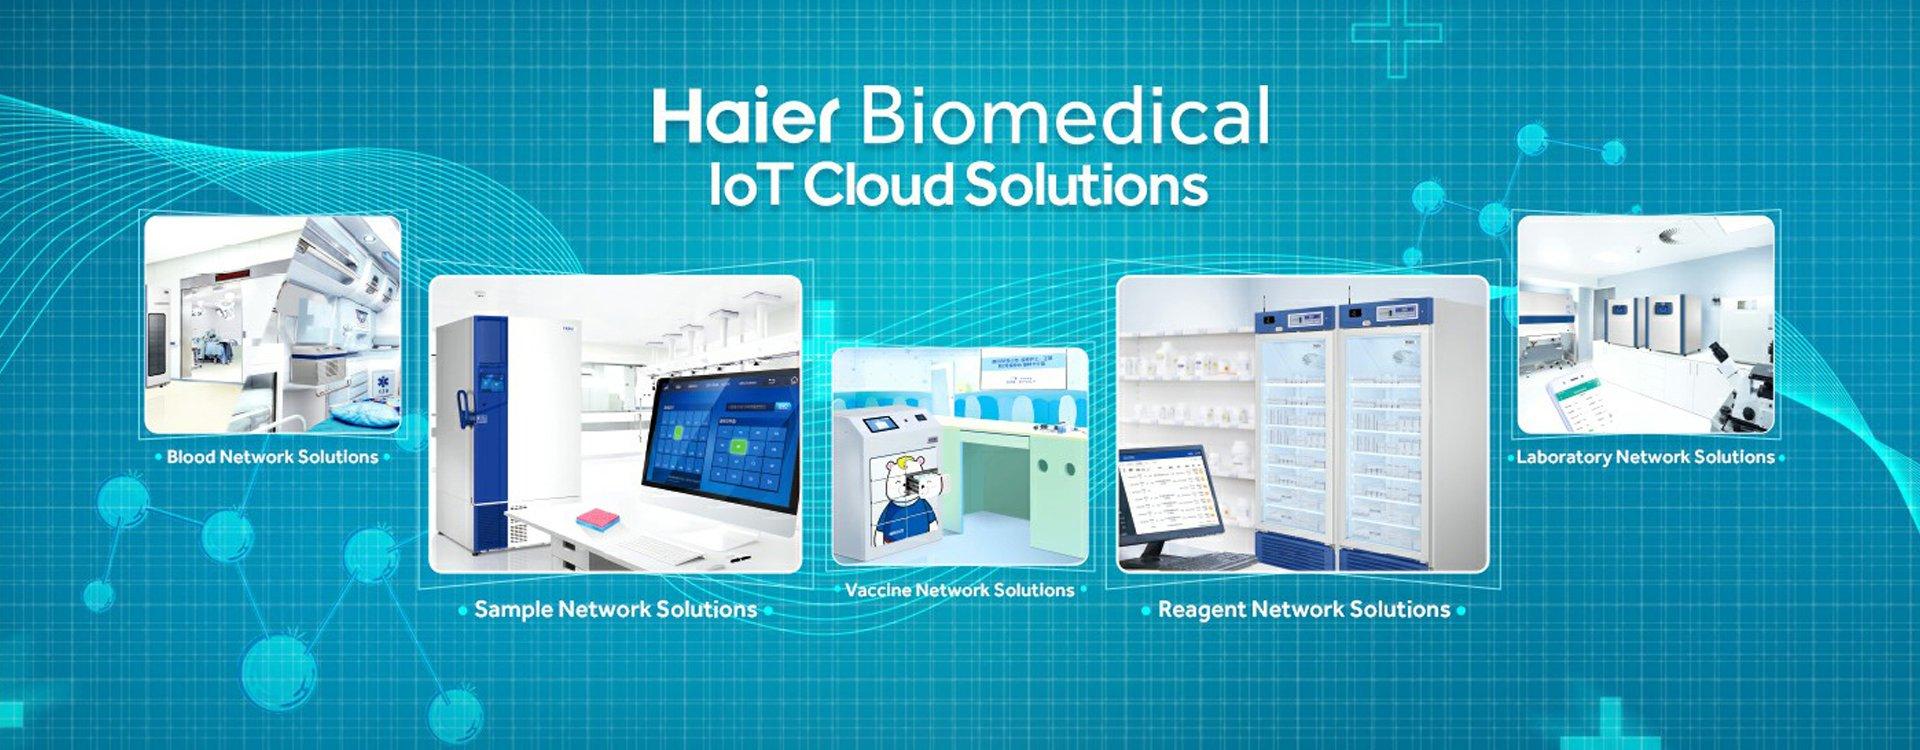 Haier Biomedical - IoT Cloud Solutions - Laboratuvar Cihaz ve Ürün Satışı